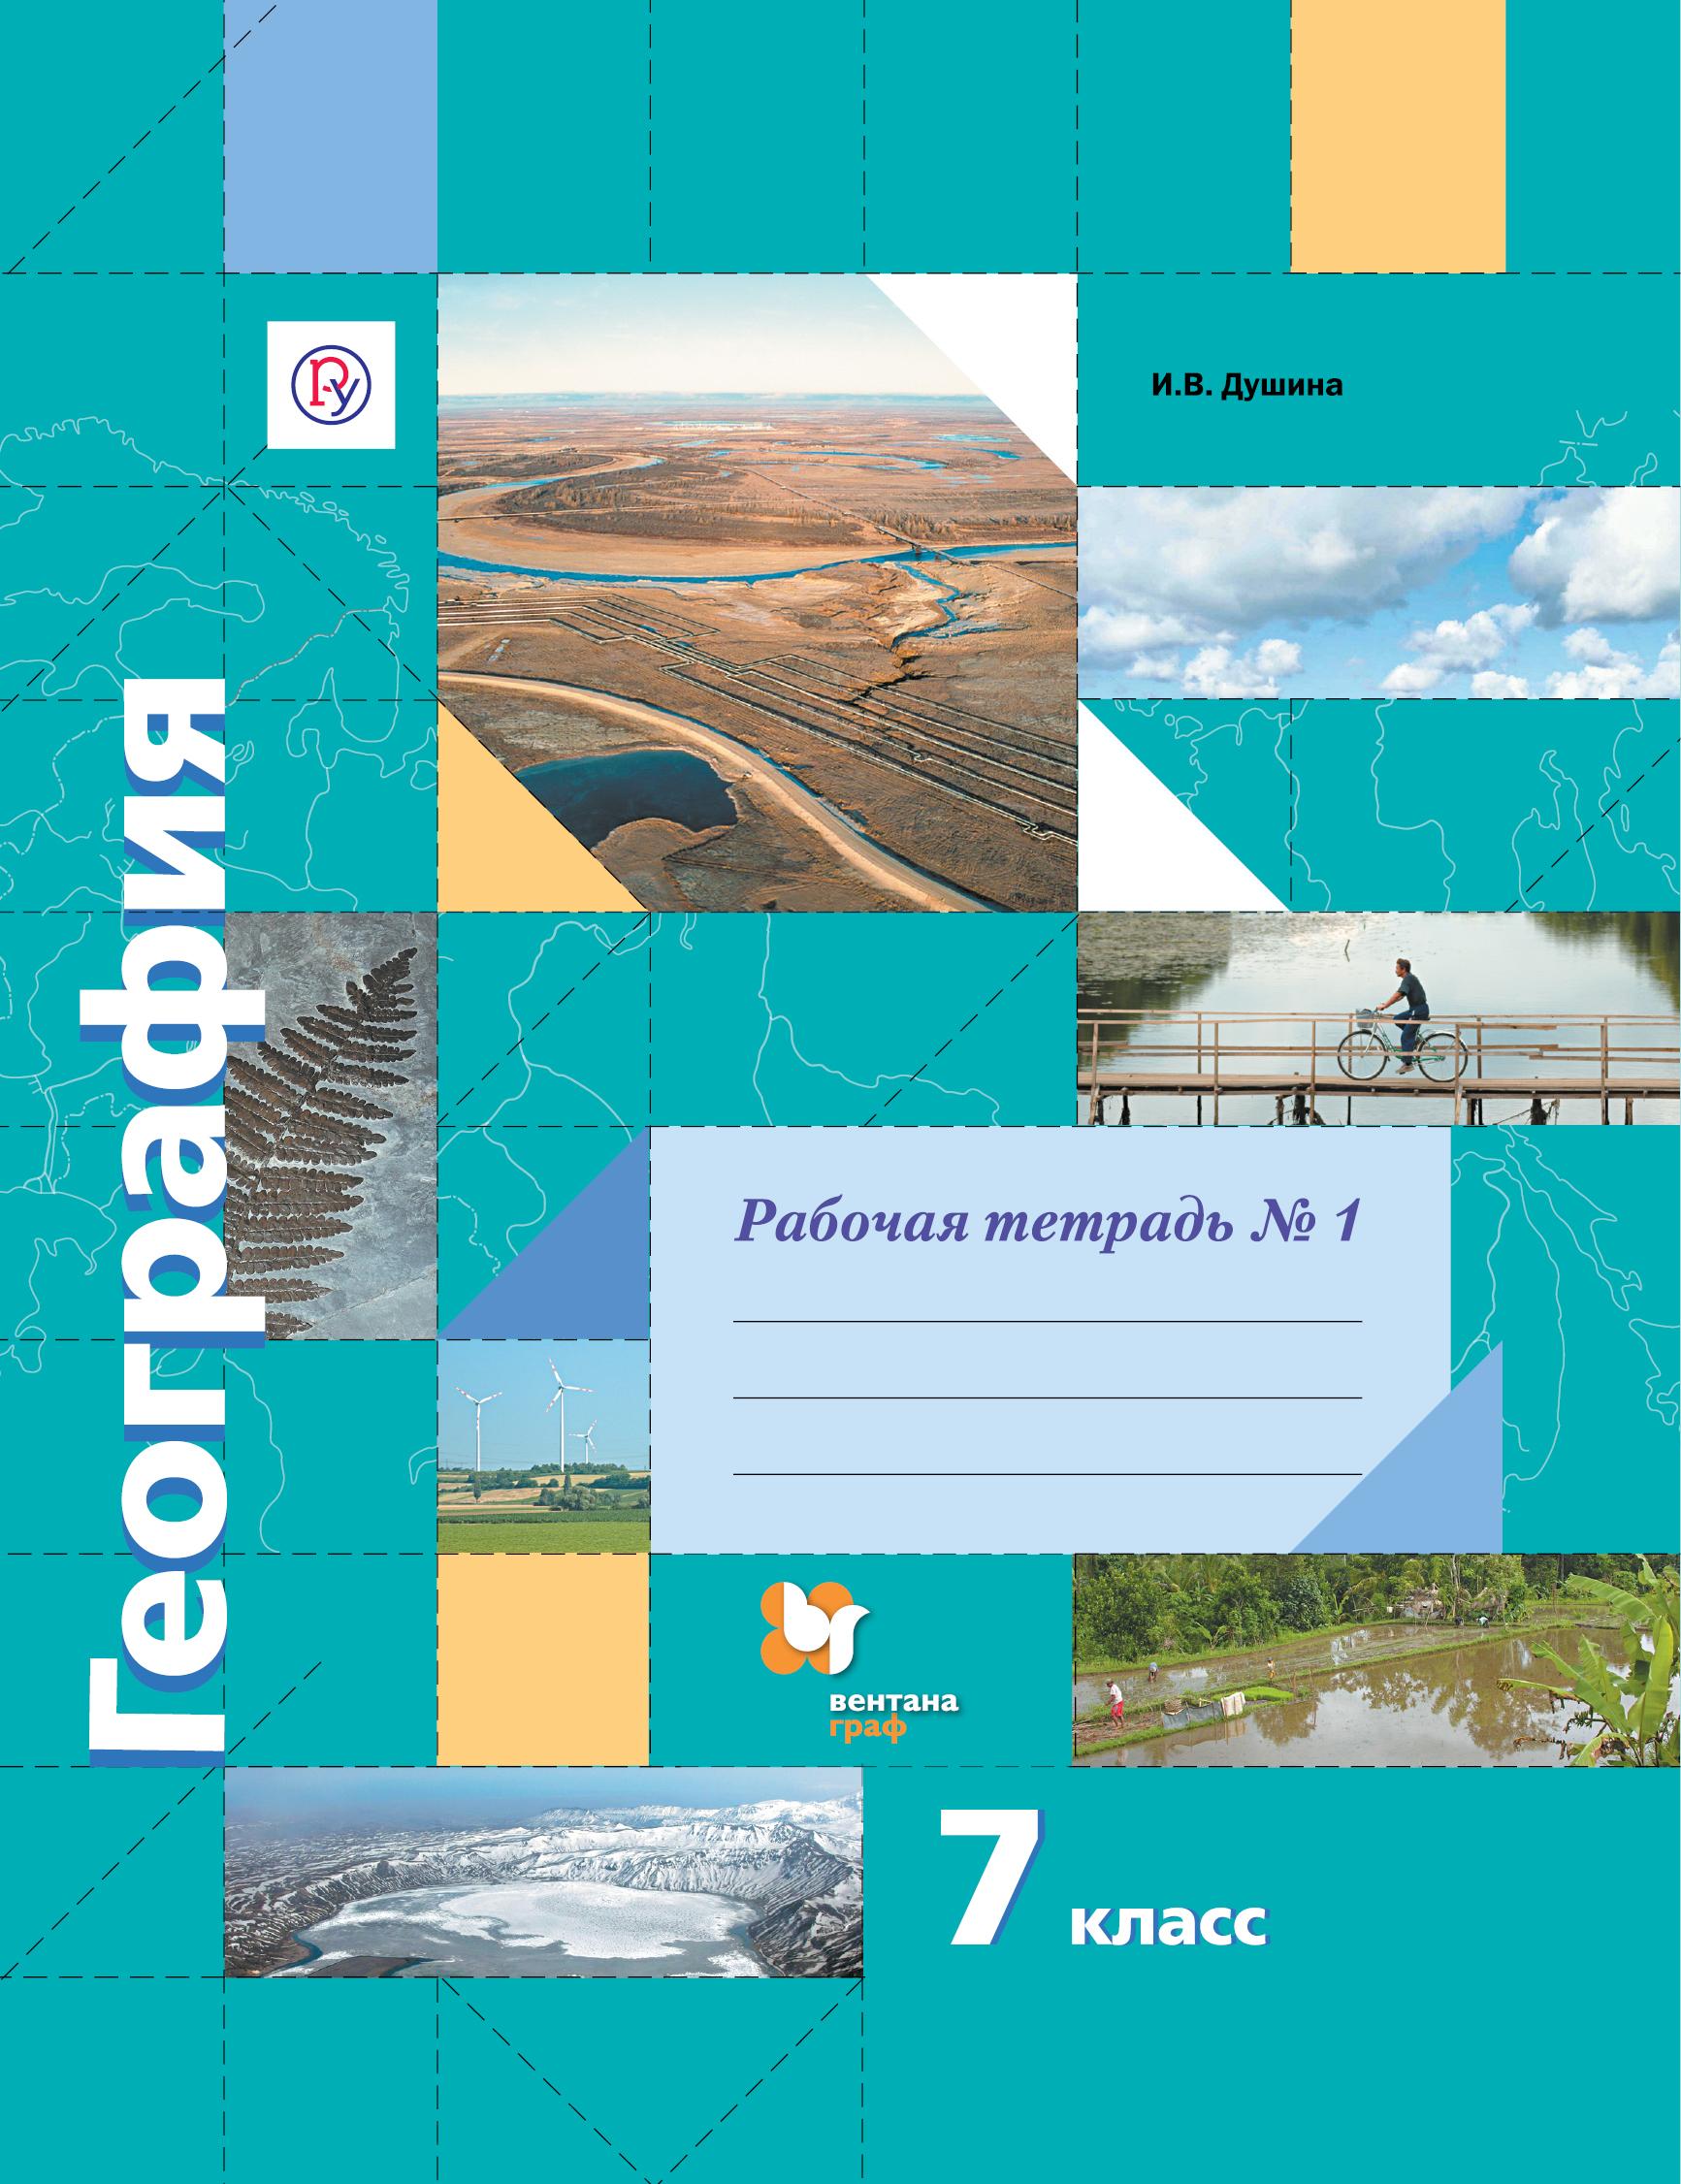 ДушинаИ.В. География. 7класс. Рабочая тетрадь №1 а г цыганенко аудиокурсы по географии 7 класс